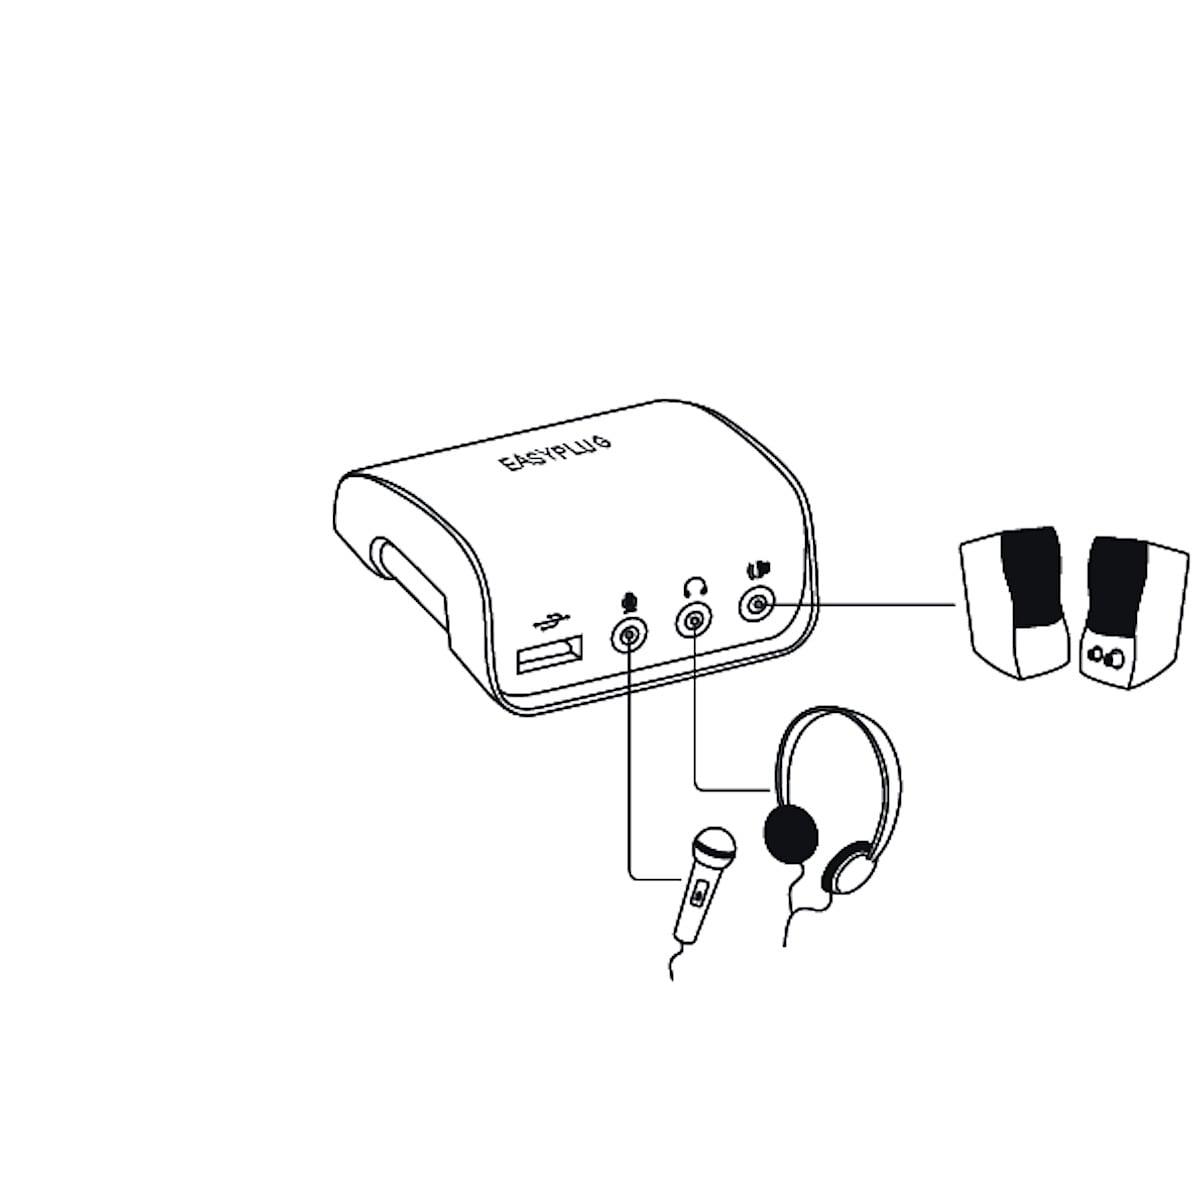 Media/USB-adapter